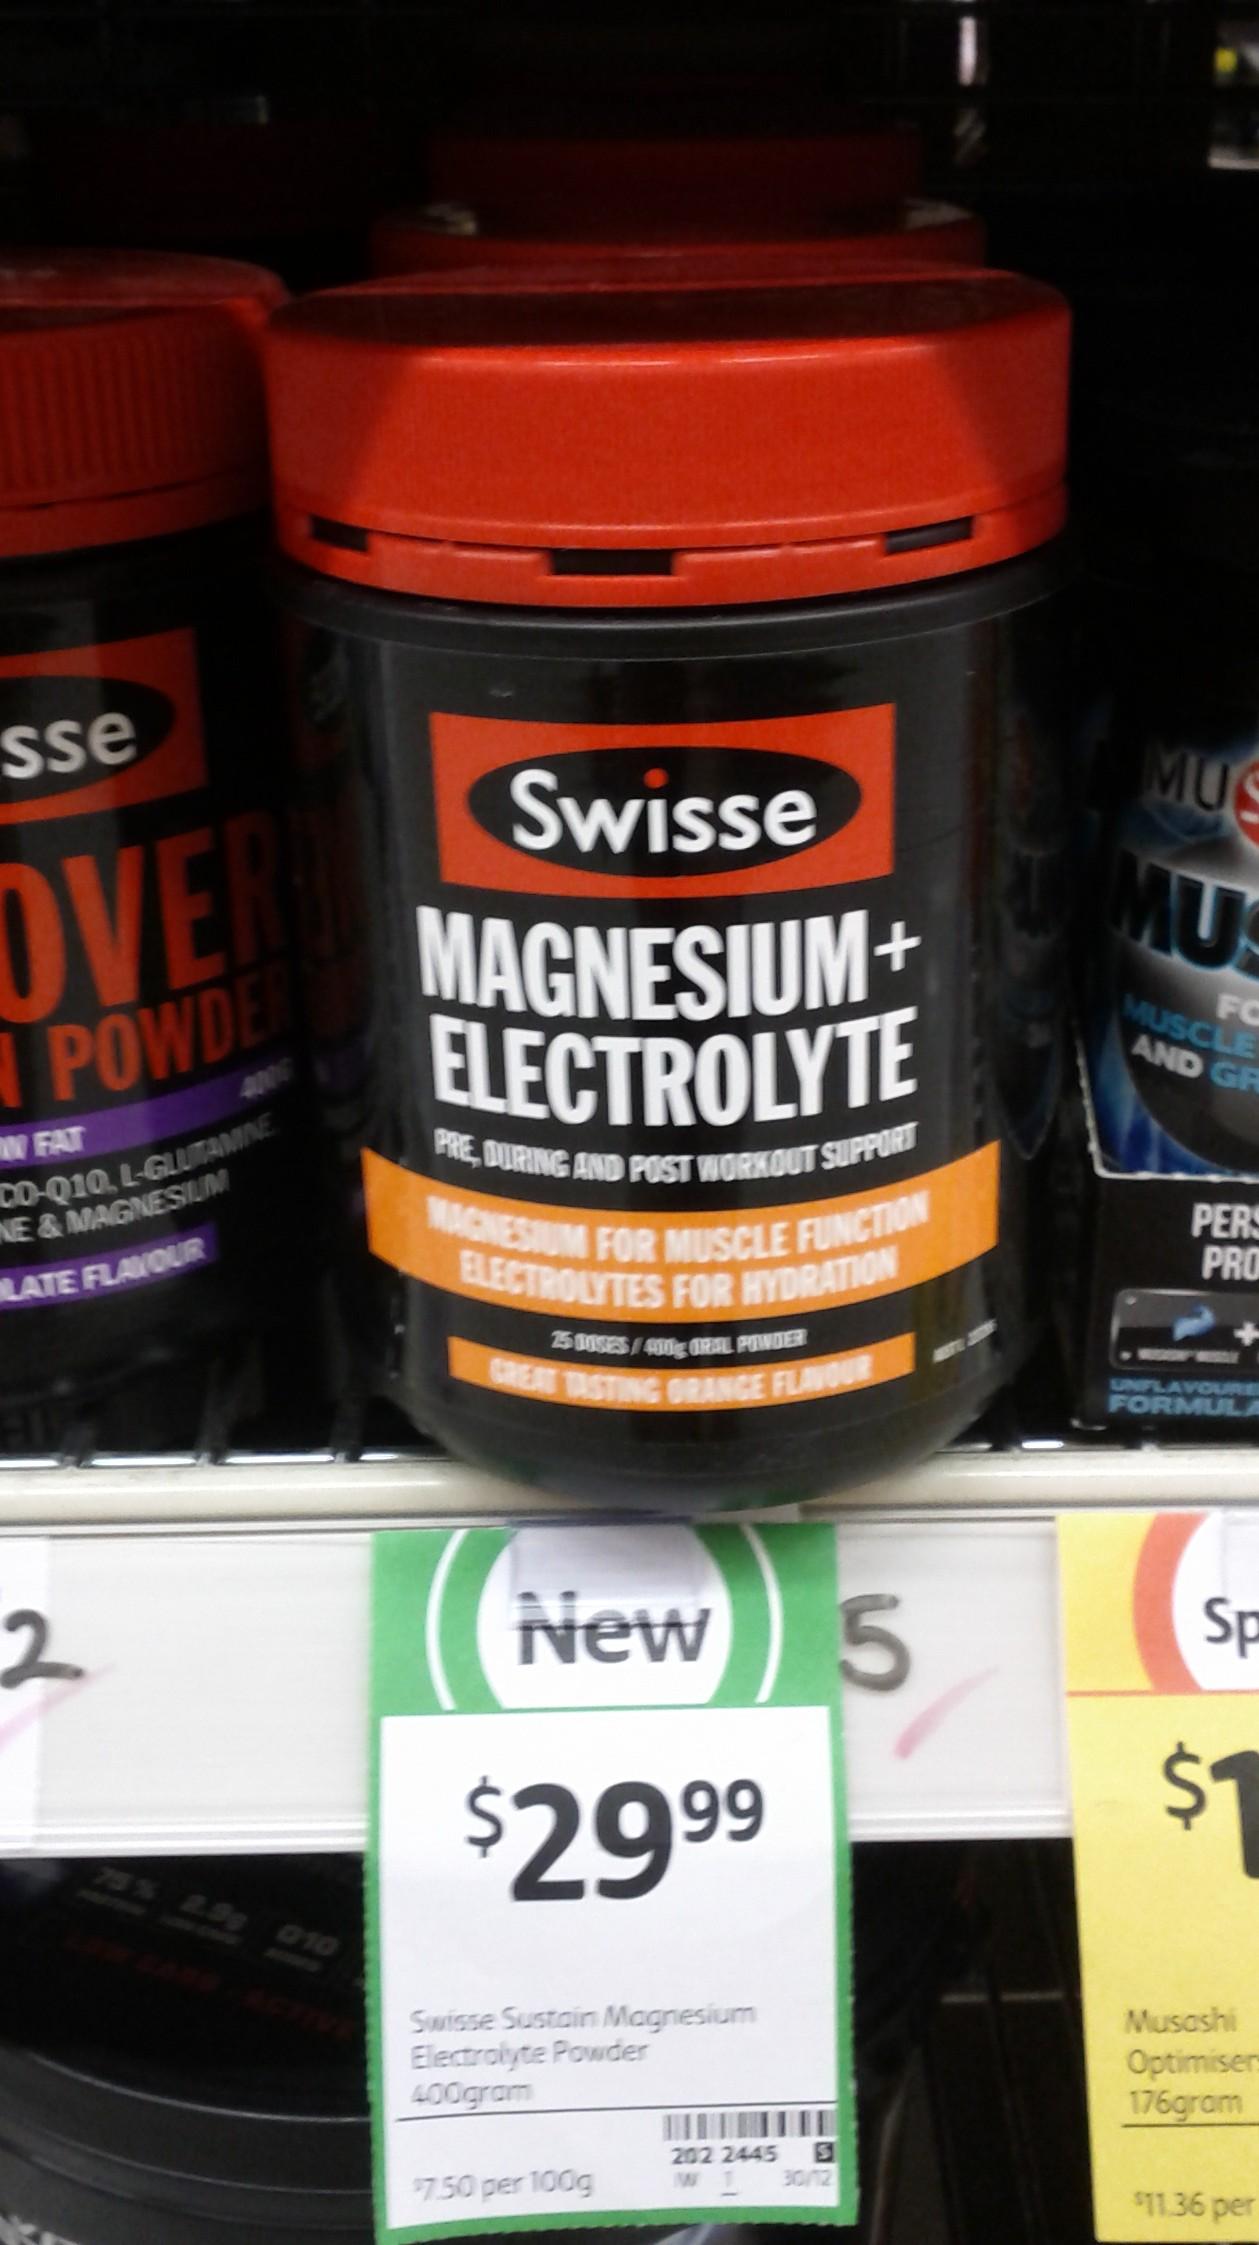 Swisse 400g Magnesium Electrolyte